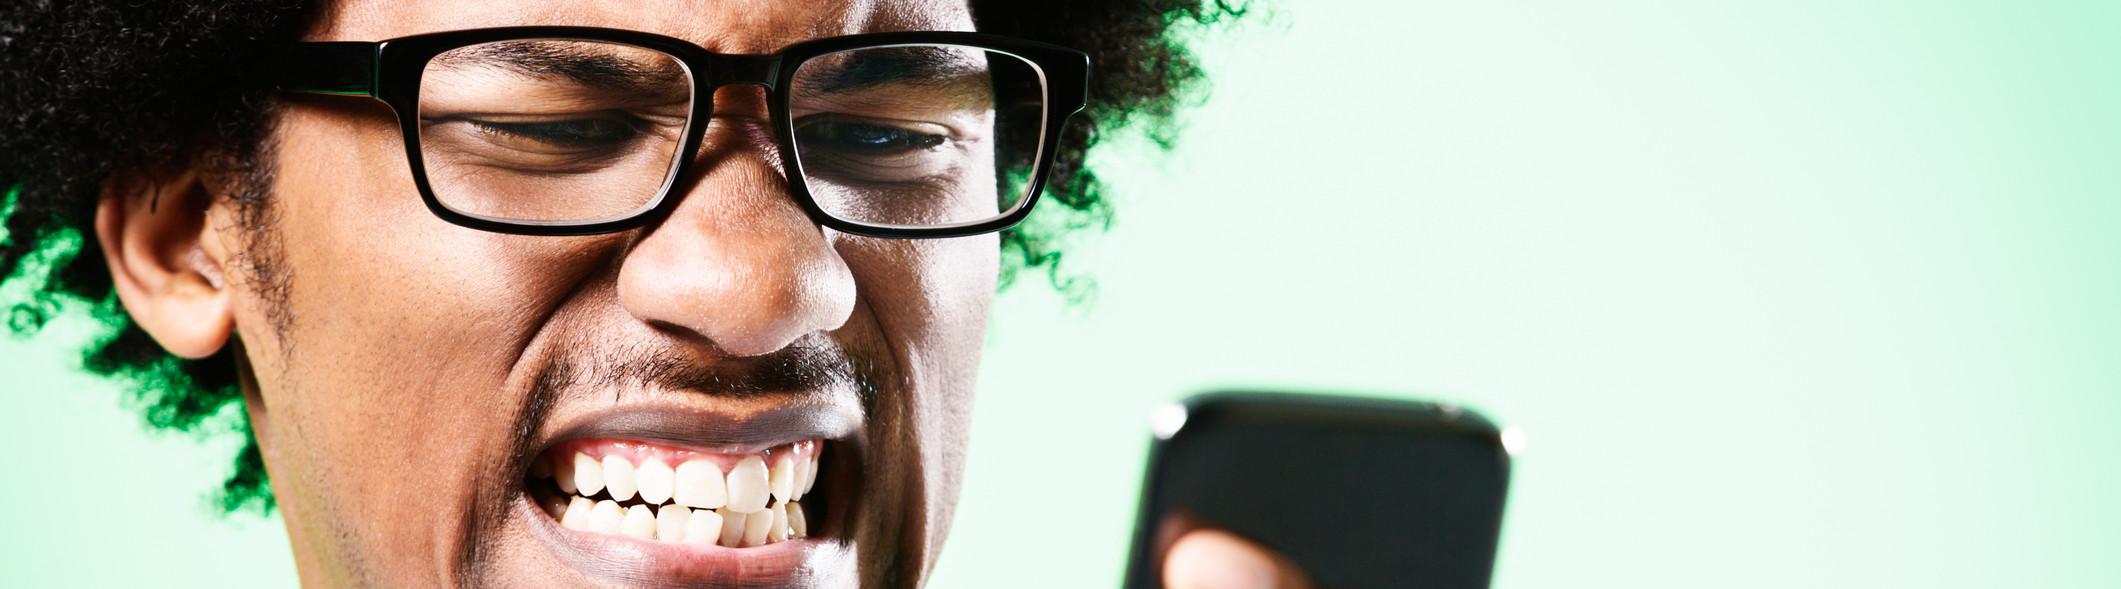 Man wincing at phone